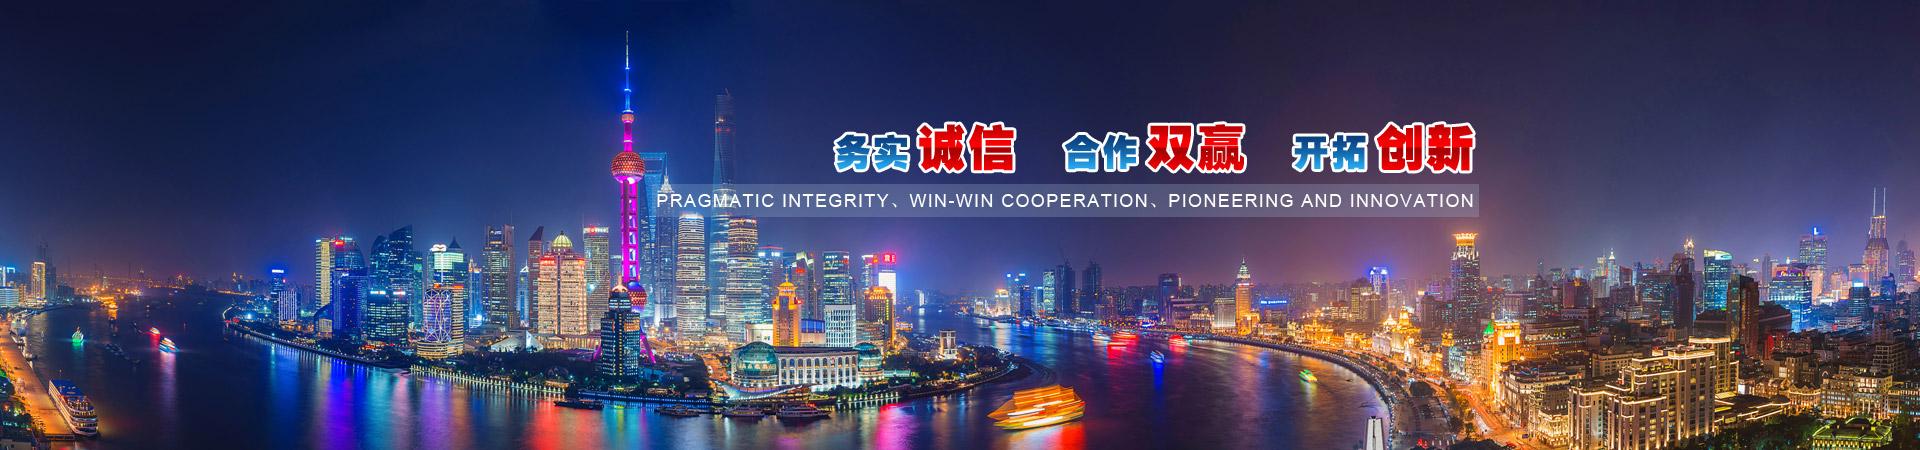 上海明珠企业集团有限公司关于我们